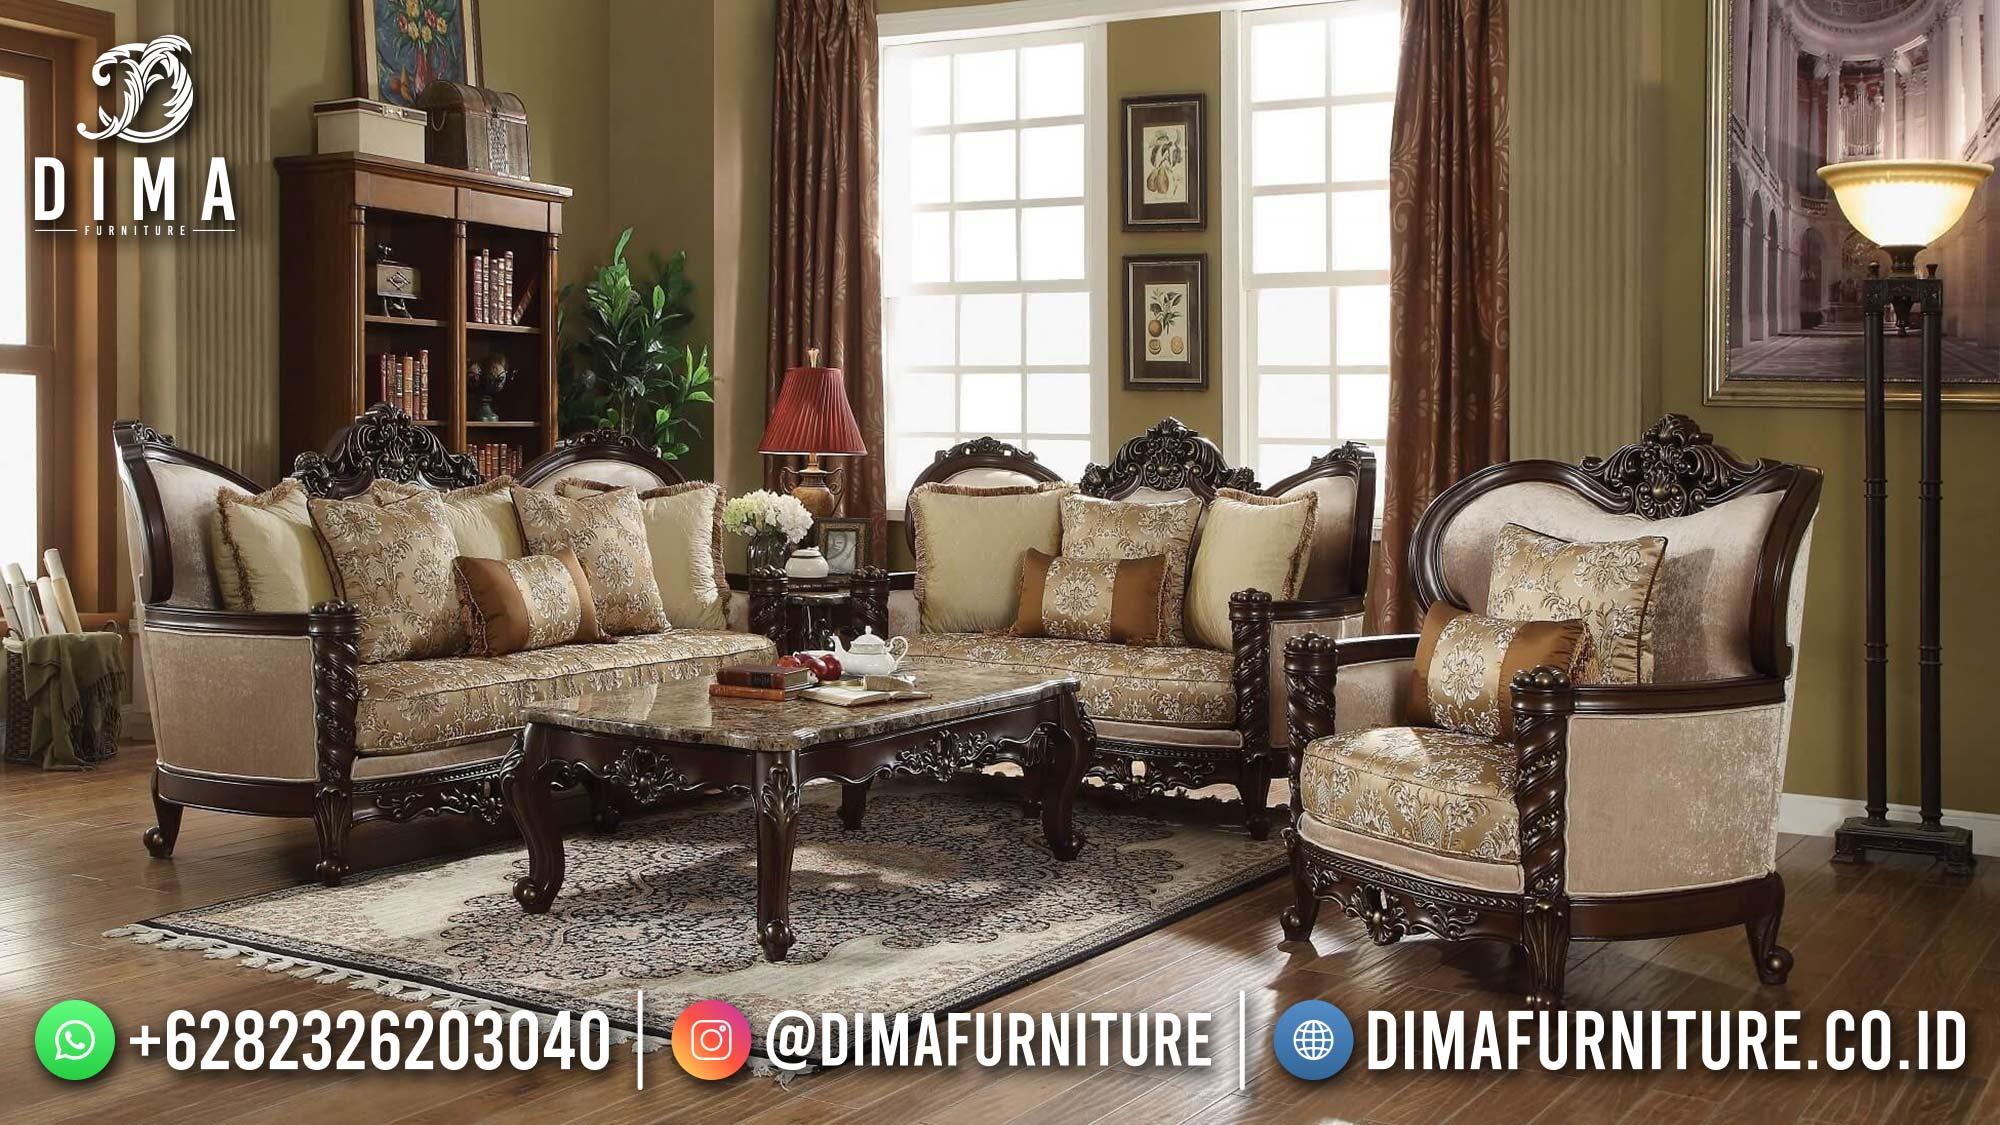 Terbaru Sofa Ruang Tamu Jepara Ukiran Mewah Luxury 3 2 1 DF-1523